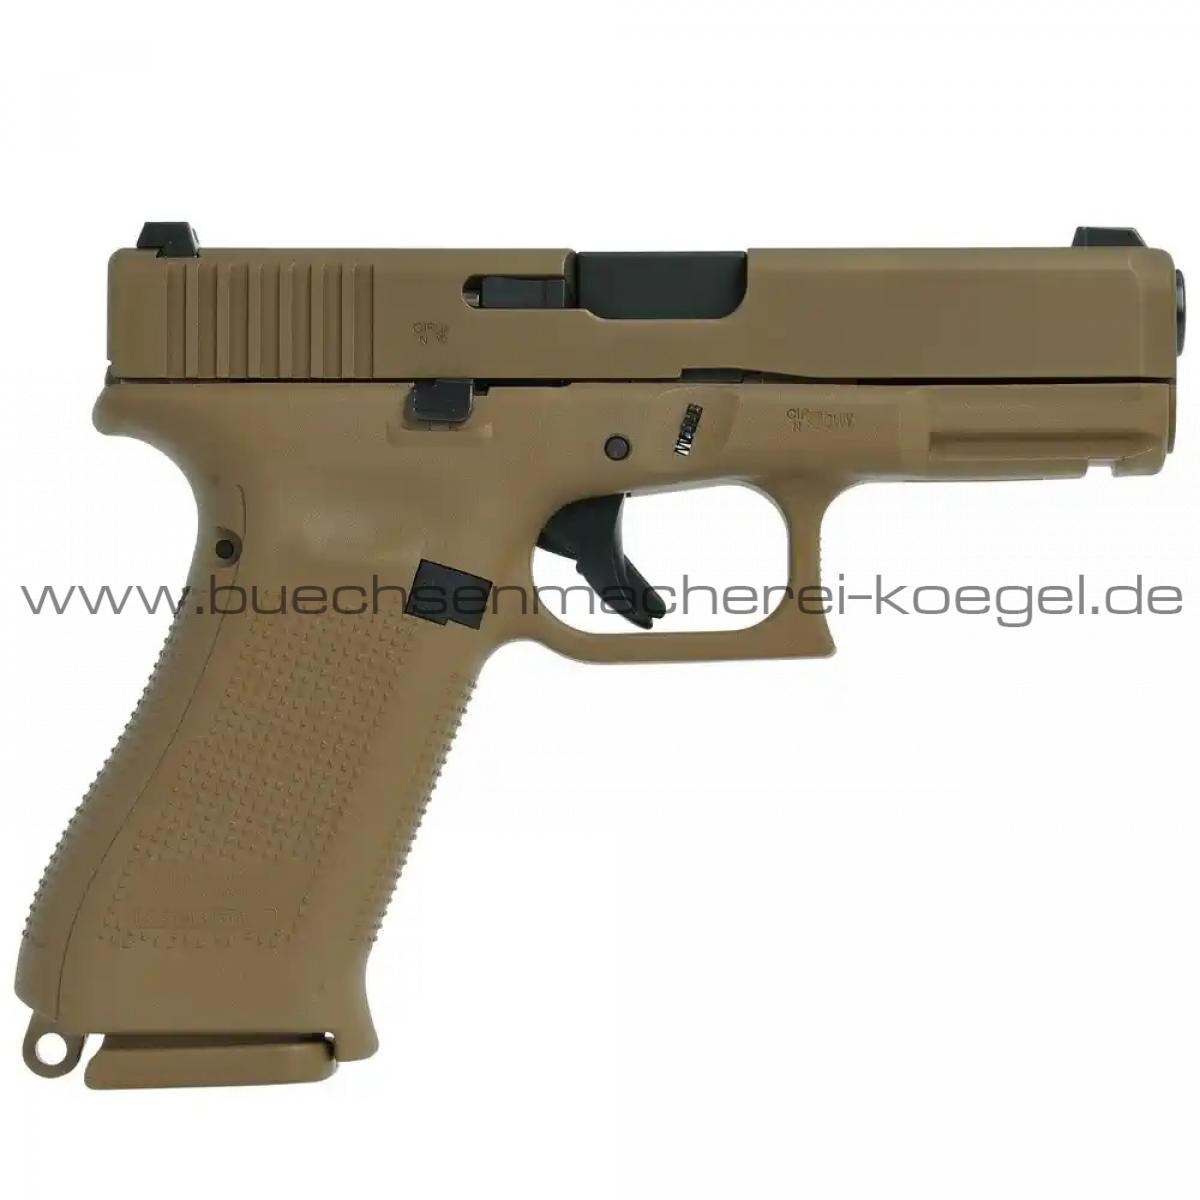 GH Pistole Glock 19 X sandfarben